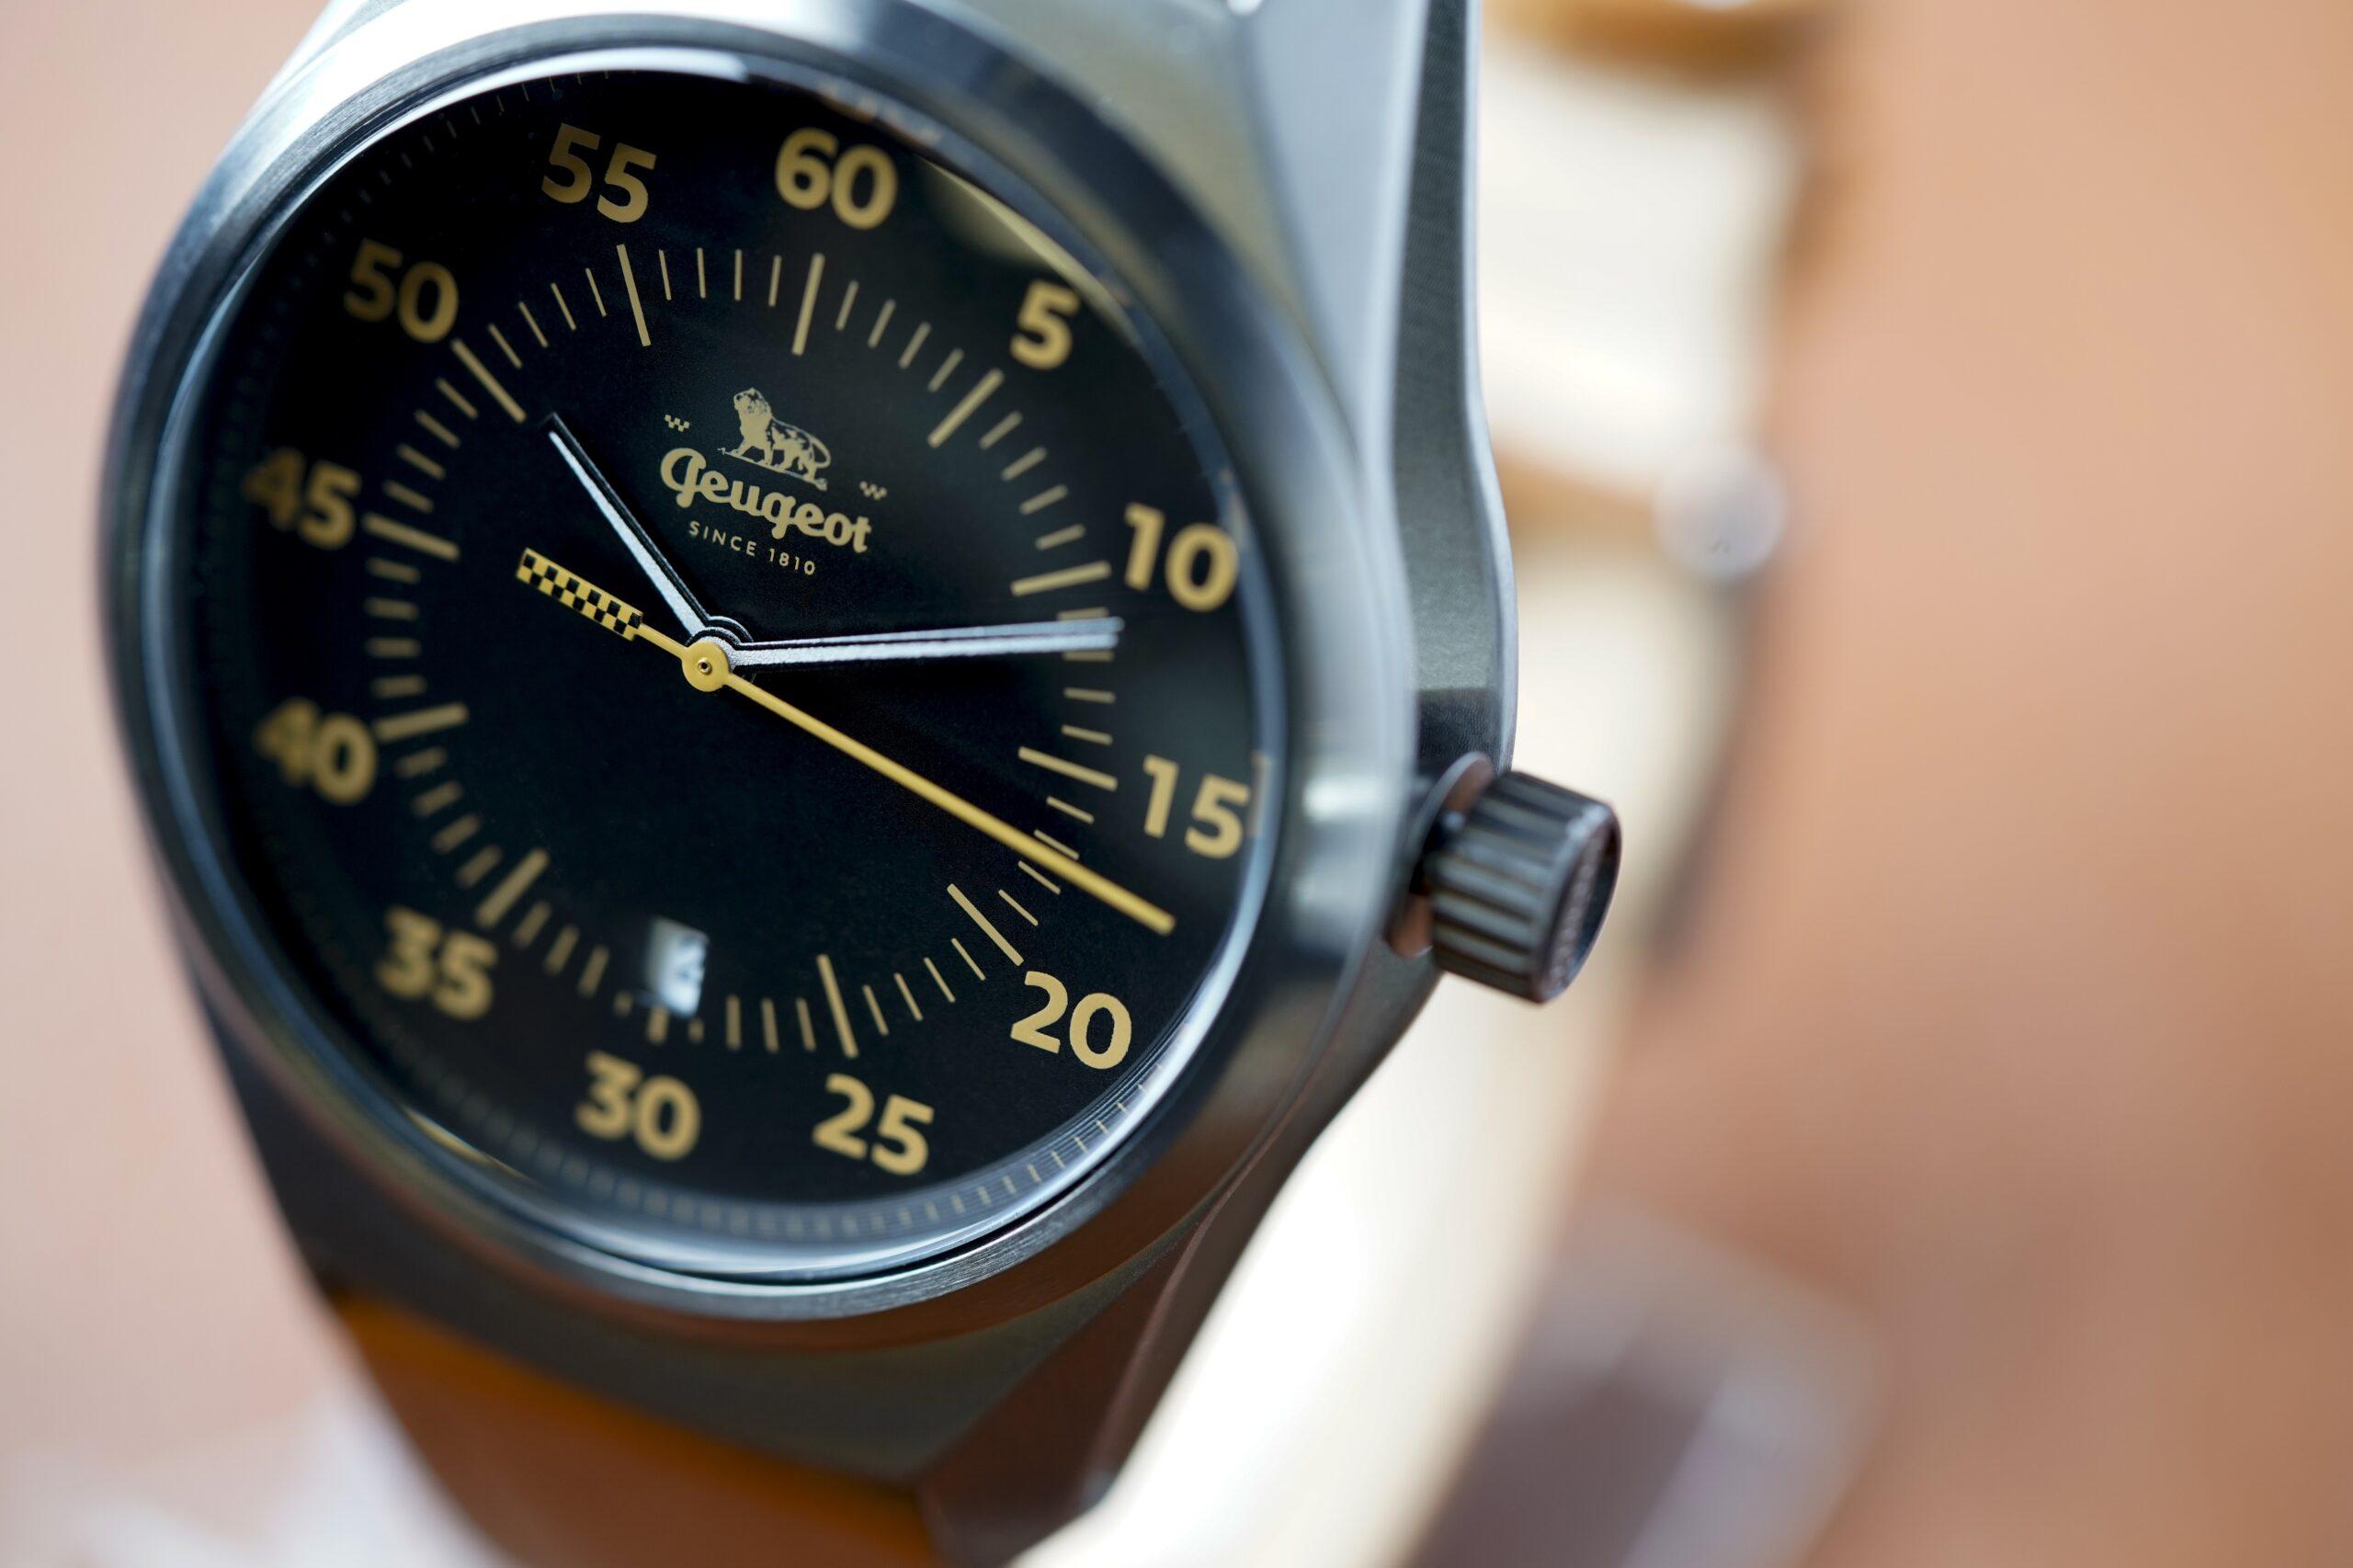 Zegarki Armand SINCE 1810 - gadżet dla fanów francuskiej motoryzacji